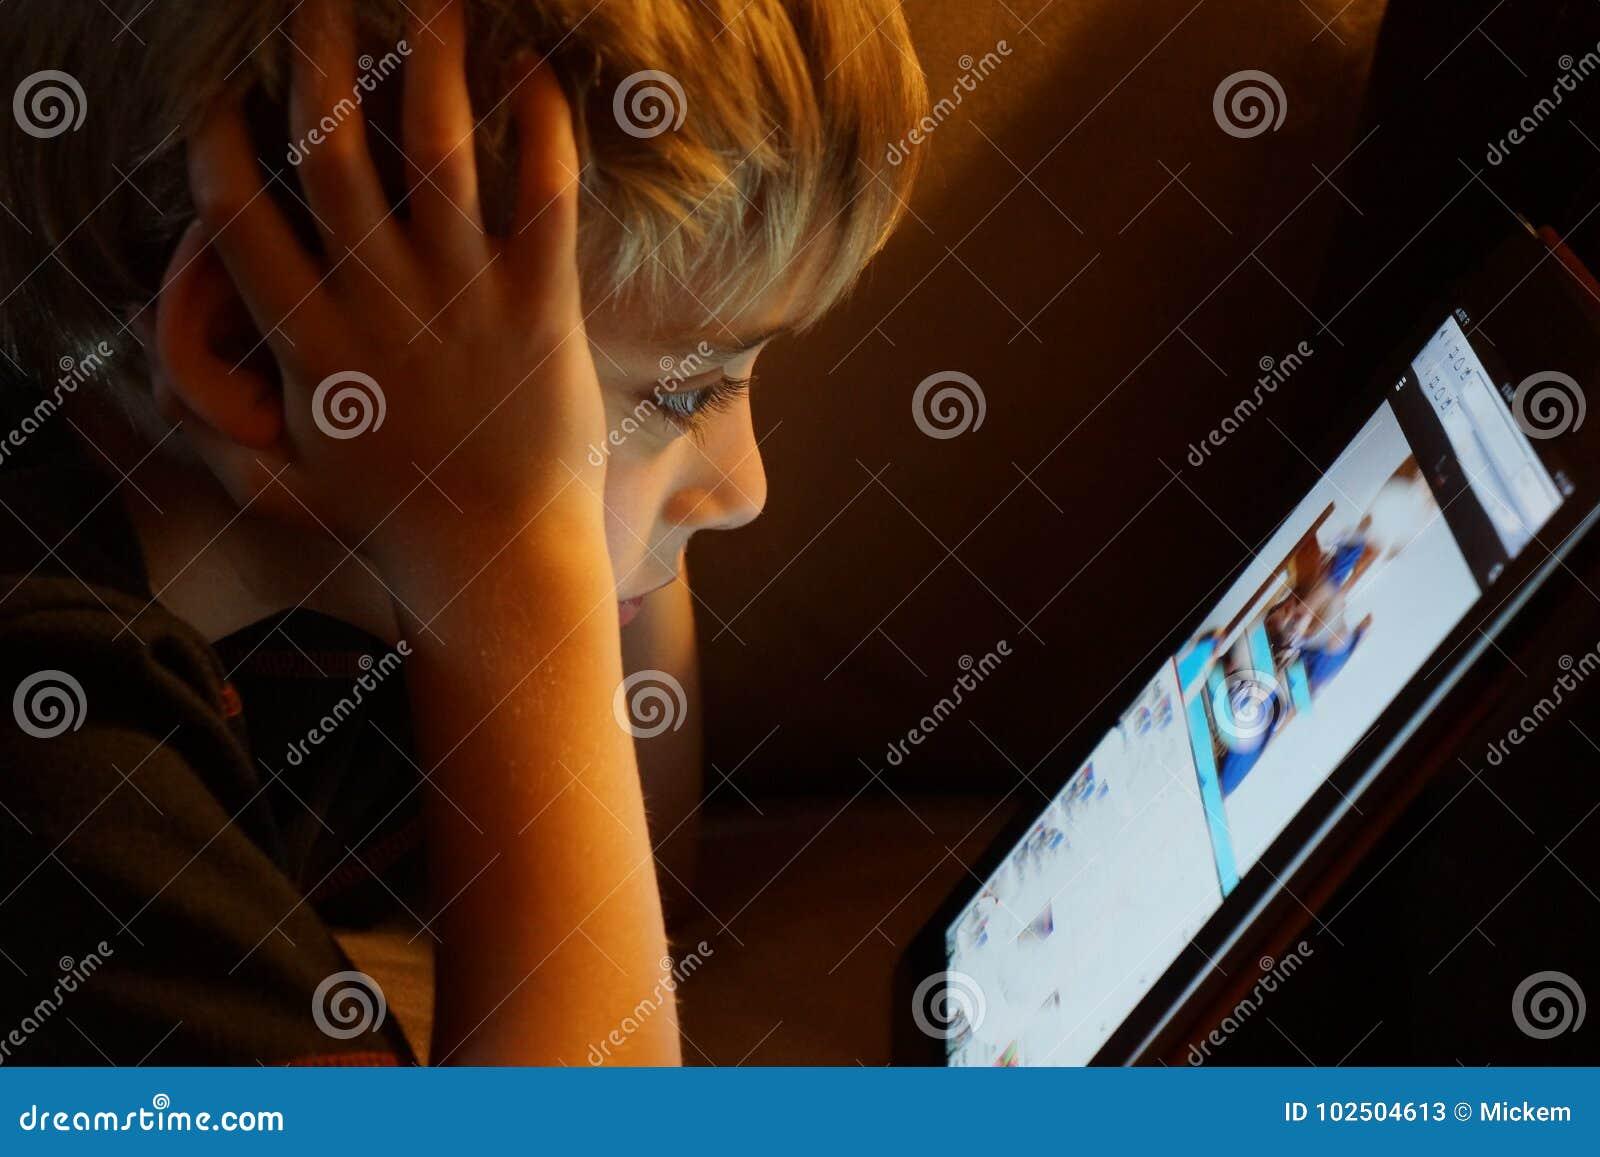 Boy staring at iPad tablet computer